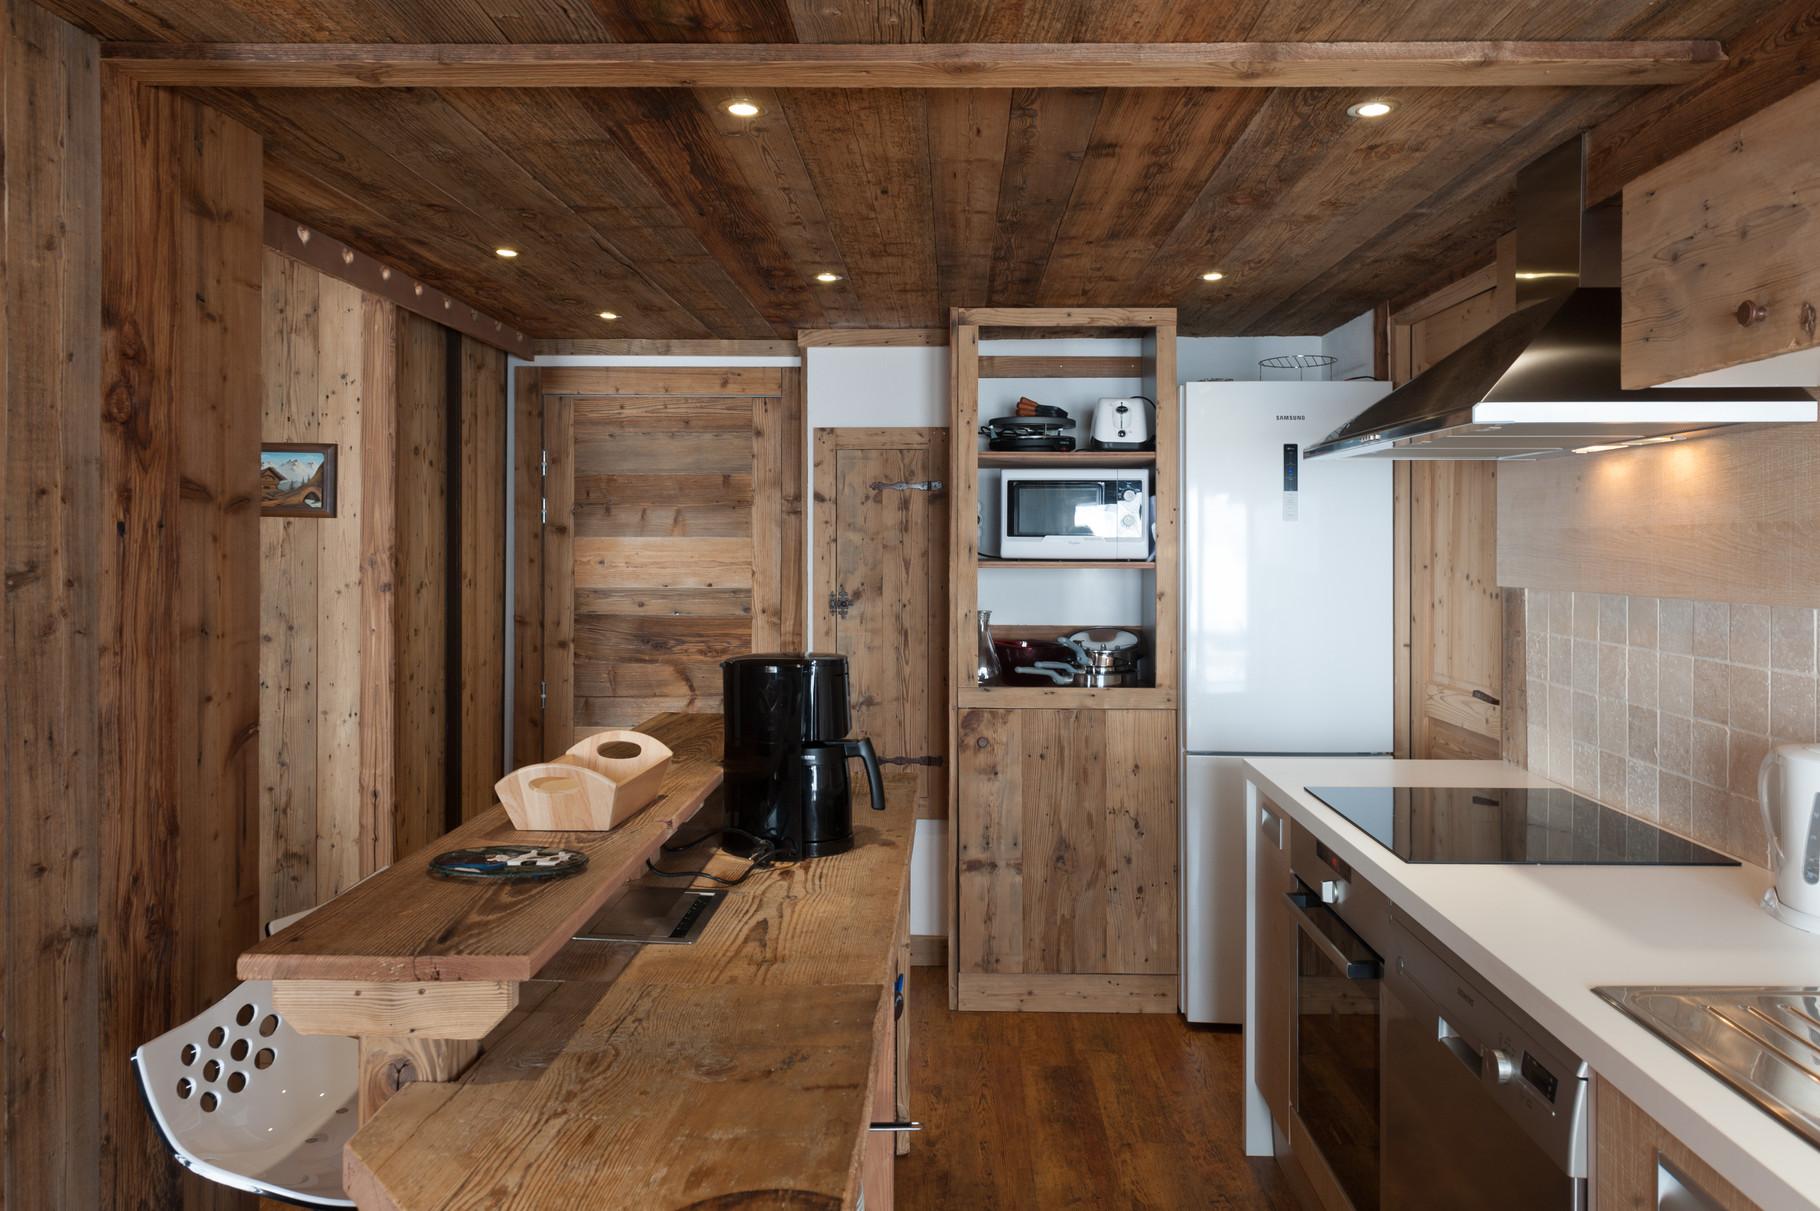 travaux r alis s entreprise lain r novation les menuires val thorens. Black Bedroom Furniture Sets. Home Design Ideas